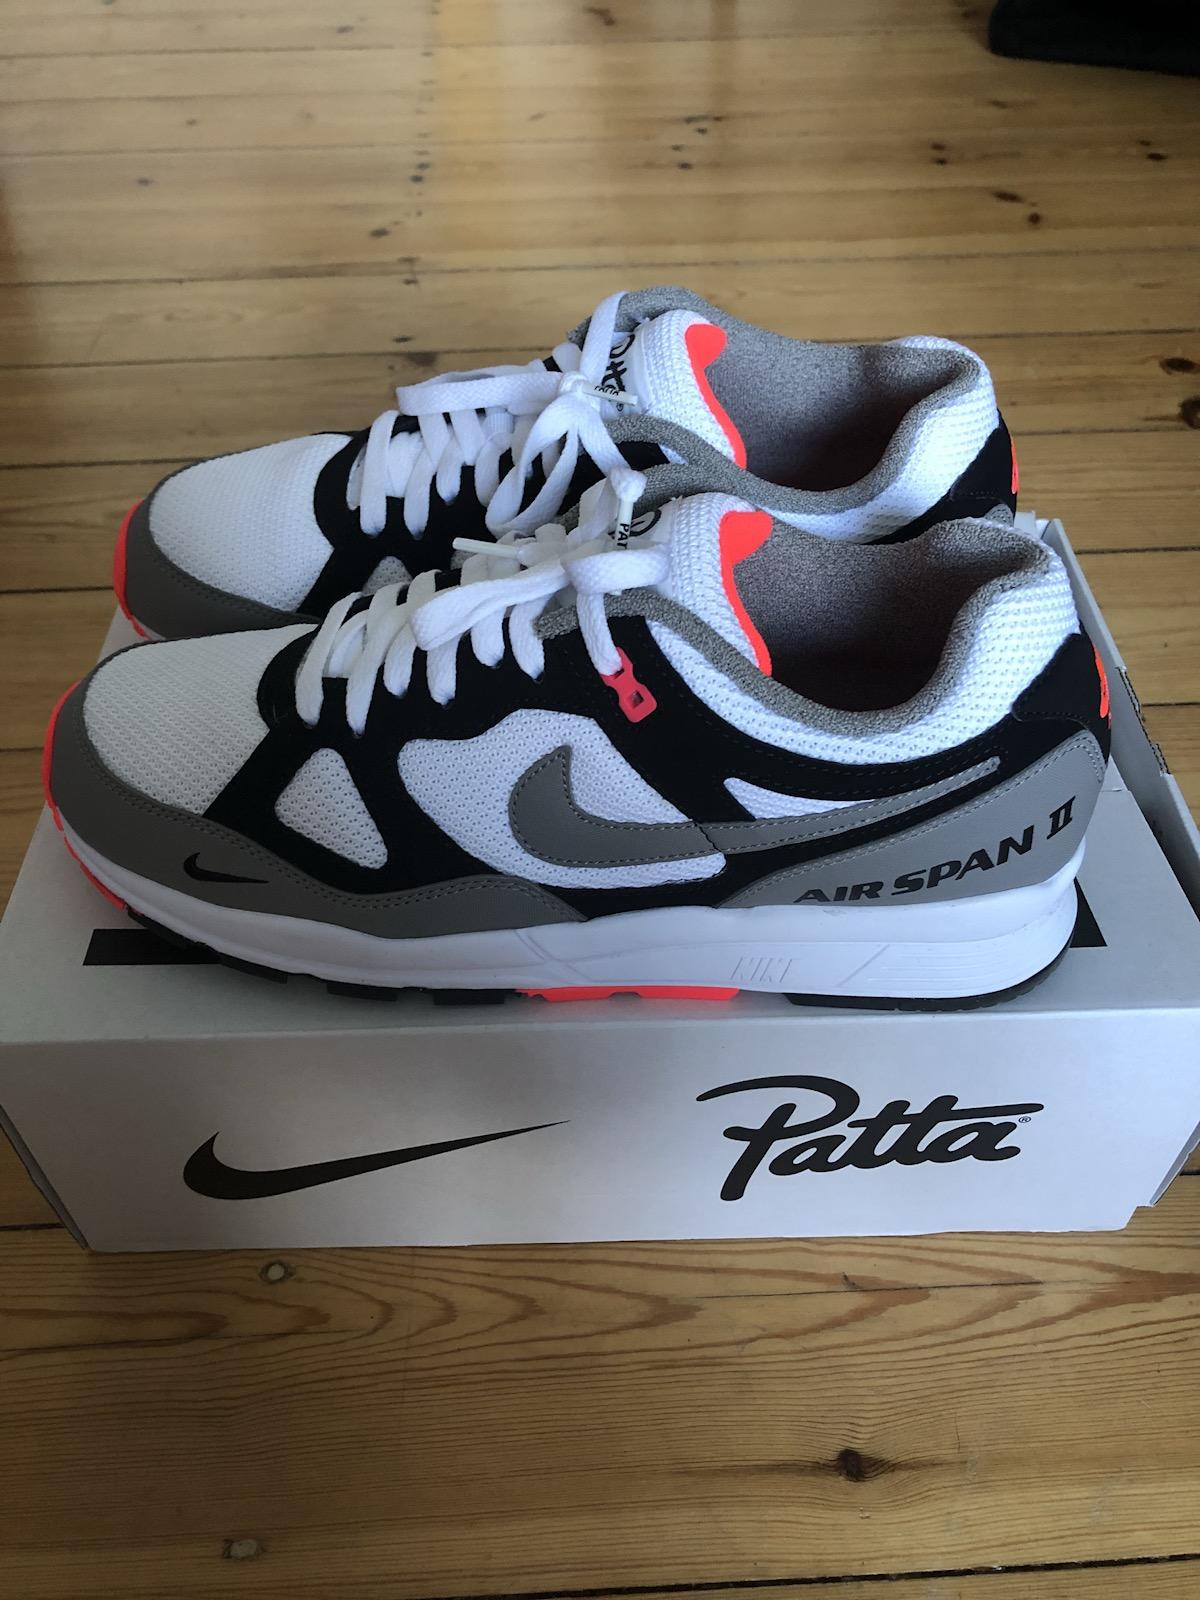 Nike Patta Air Span II QS